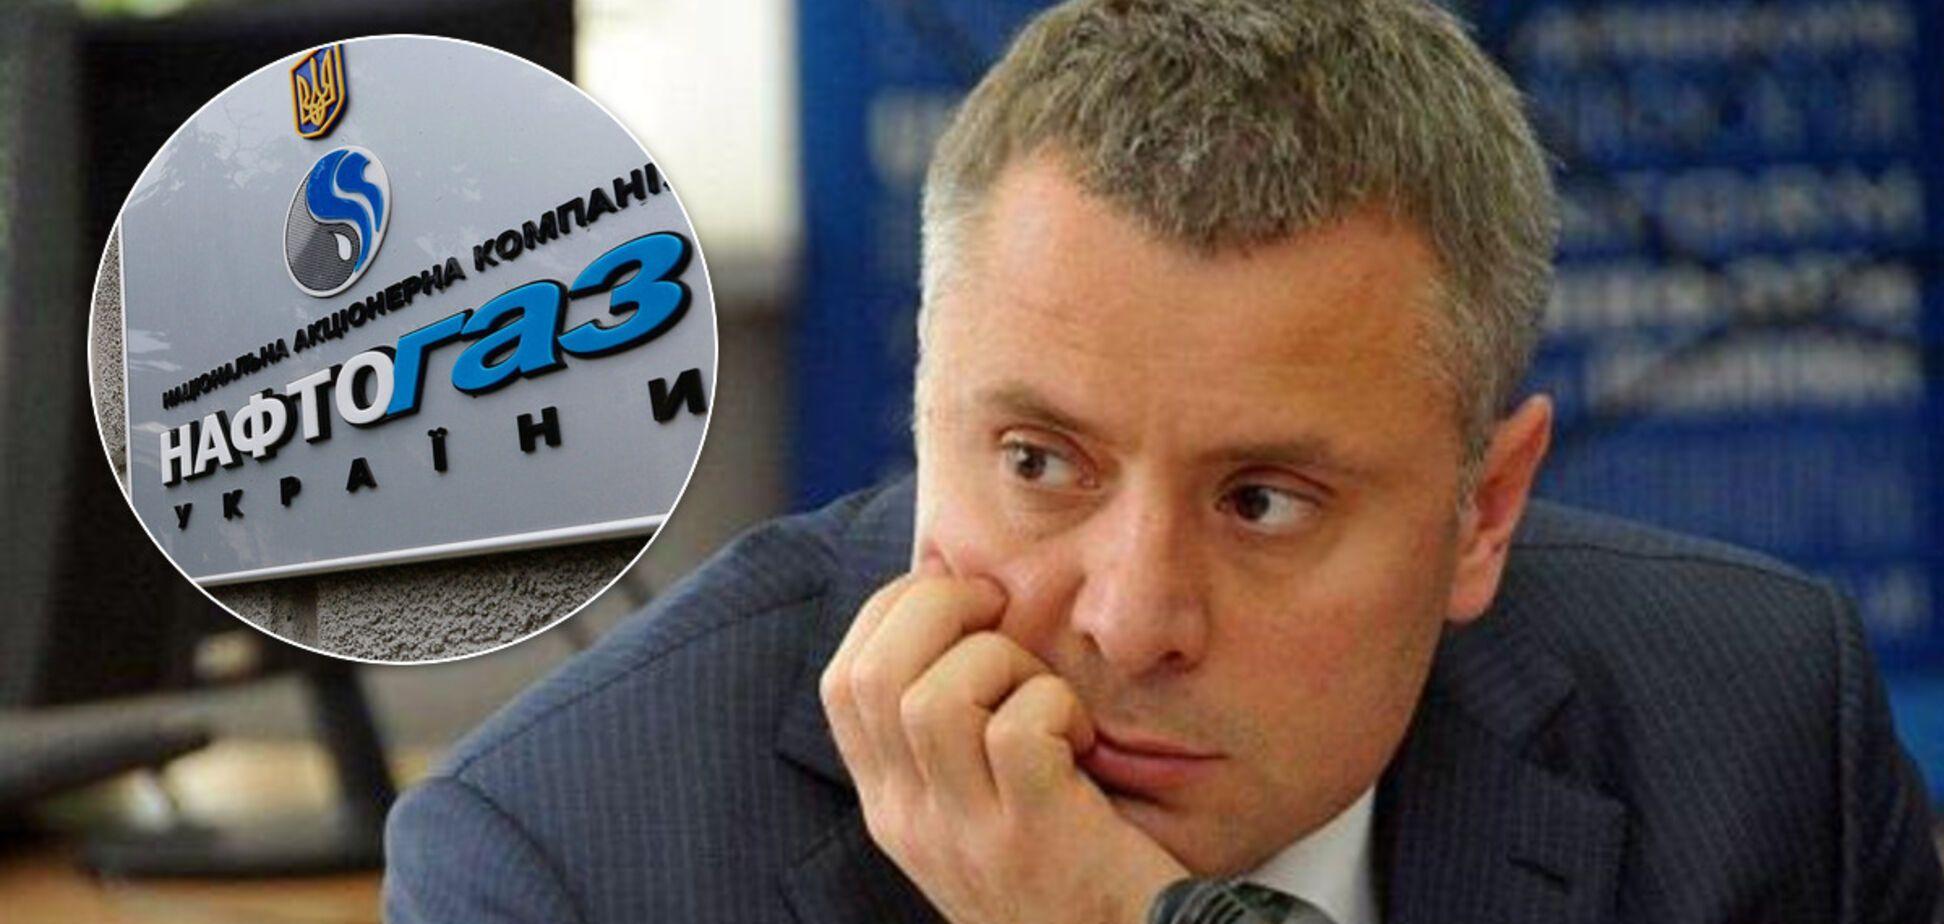 'Нафтогаз' потерял на импорте $350 млн: Витренко указал на ошибку компании